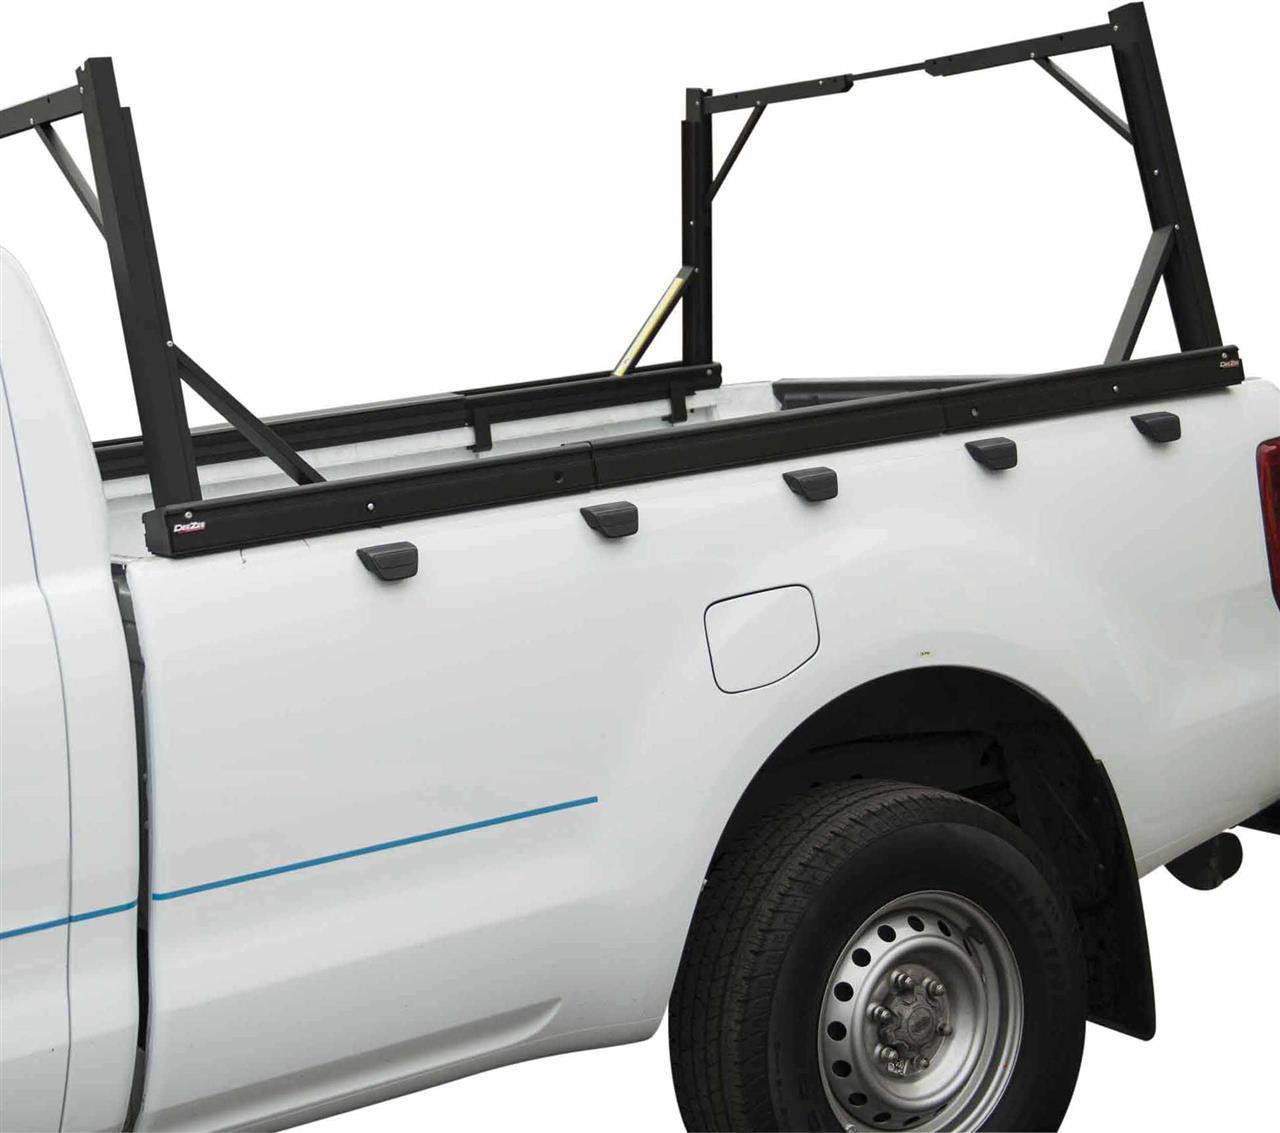 A-RACK FORD RANGER 2012+ SUPER CAB FORD RANGER